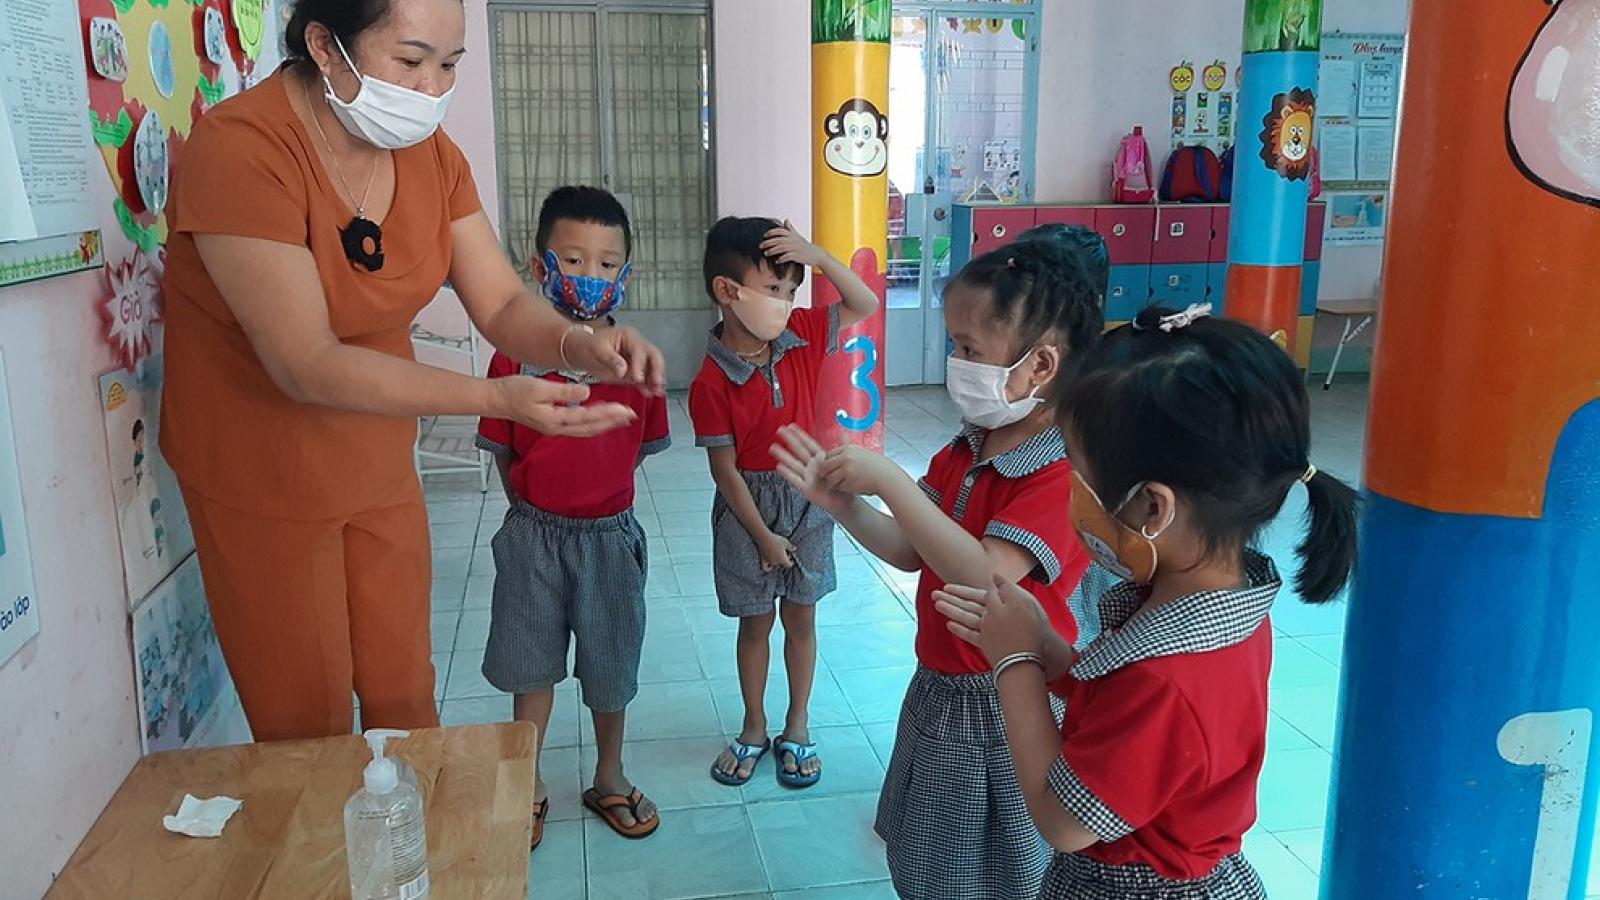 Tỷ lệ trẻ mầm non trở lại trường thấp sau nghỉ phòng dịch Covid-19